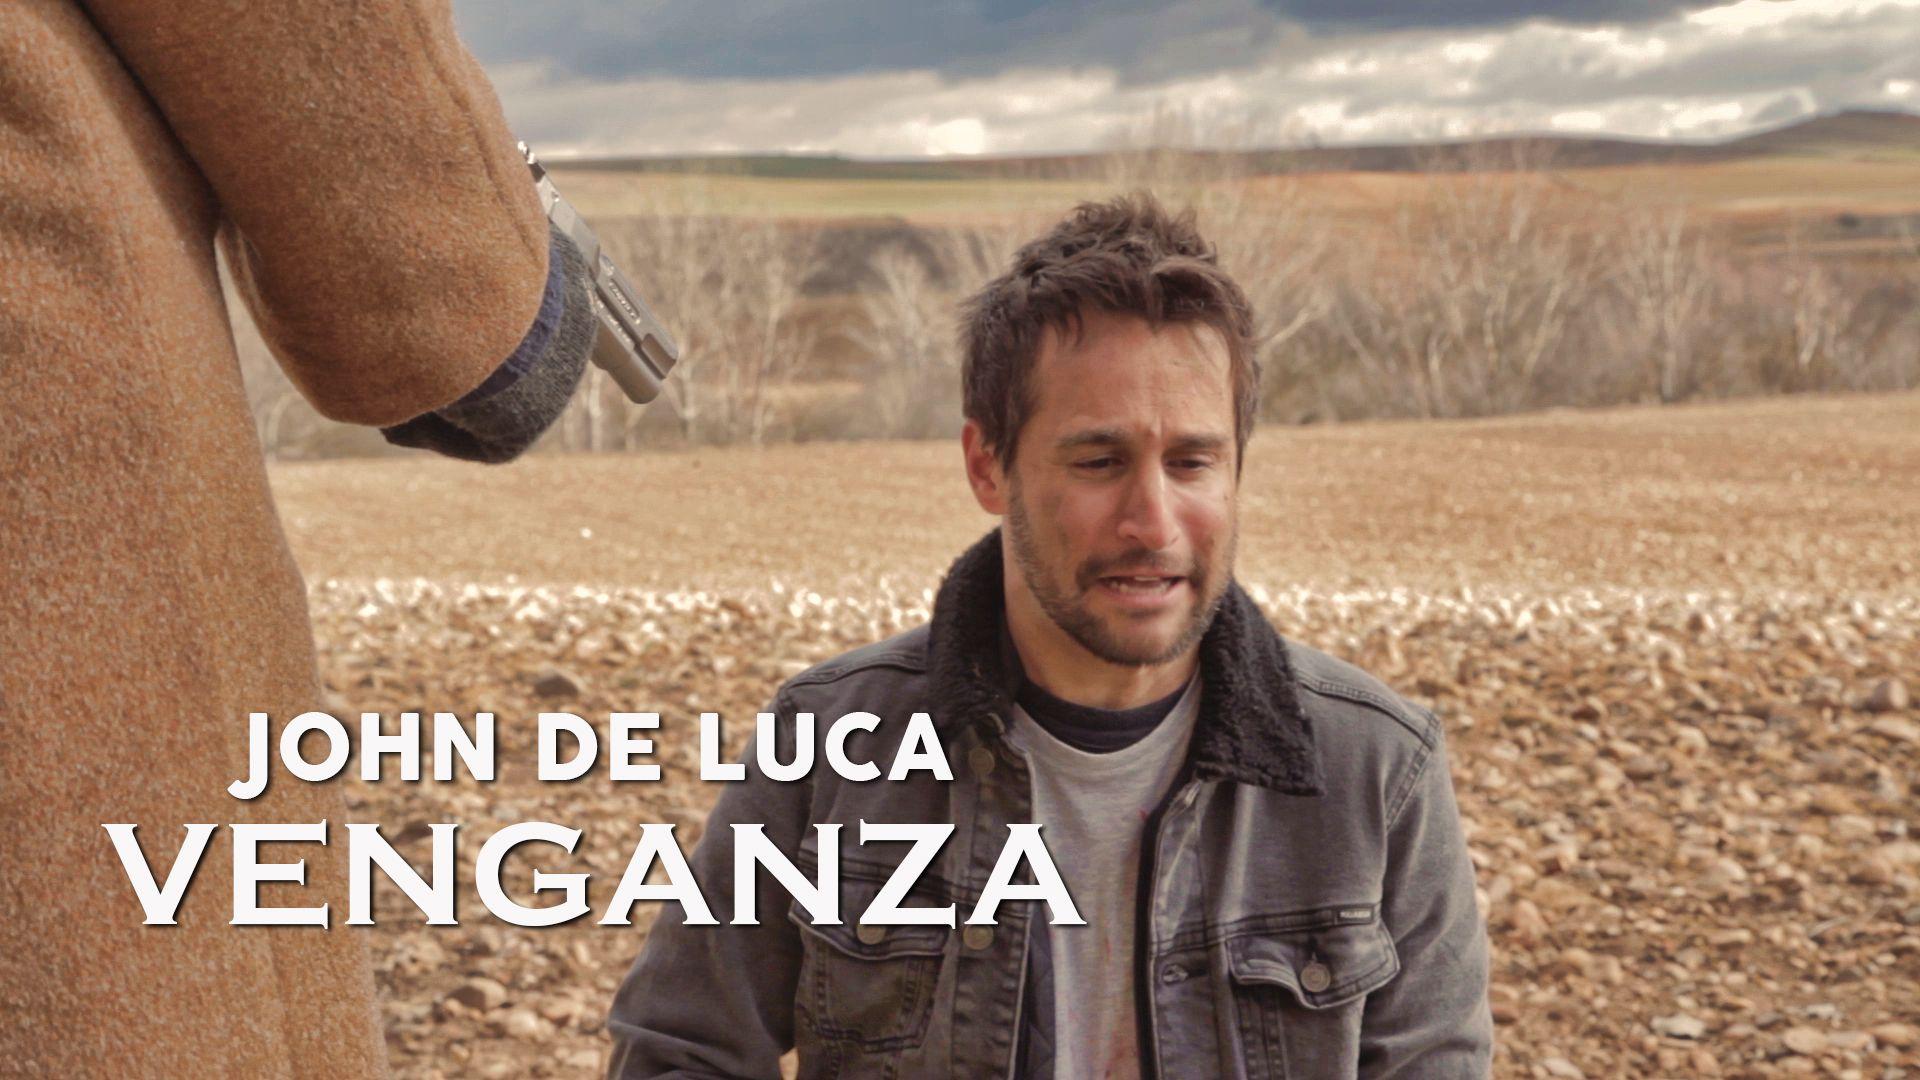 John De Luca - Venganza